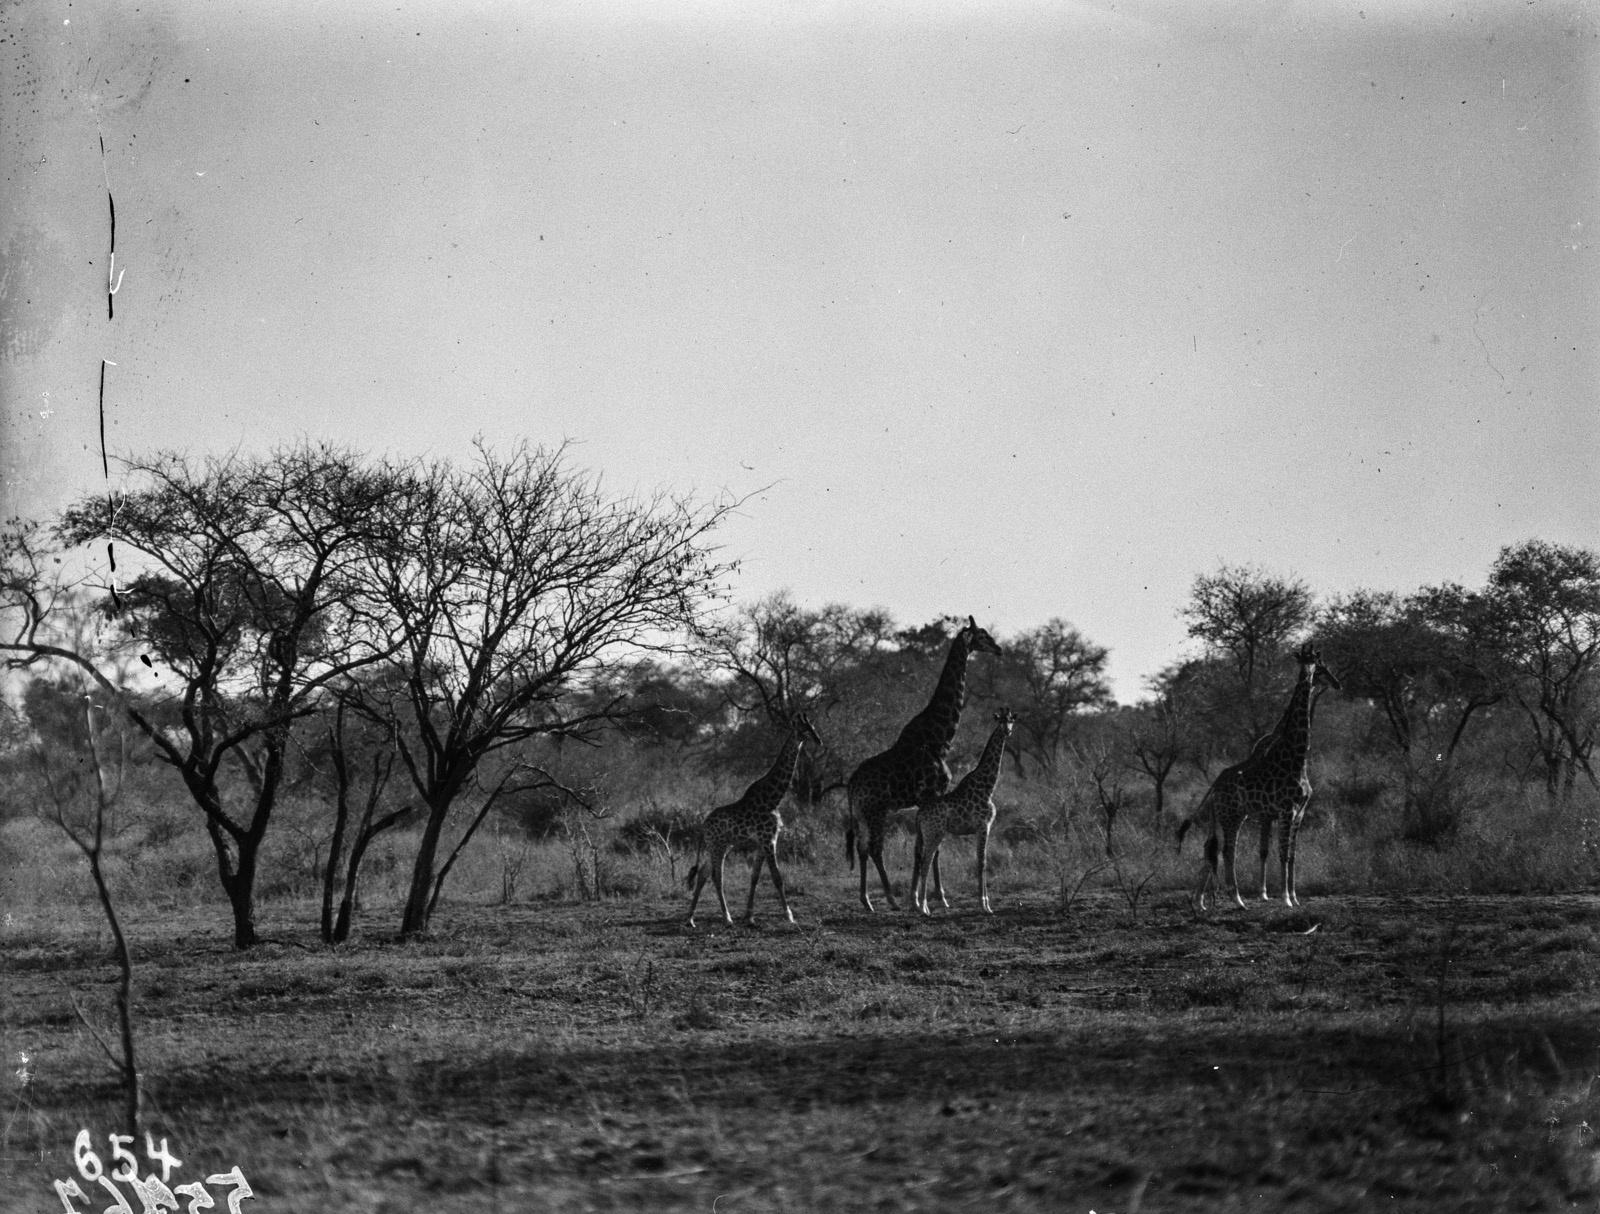 Национальный парк Крюгера. Жирафы в саванне.